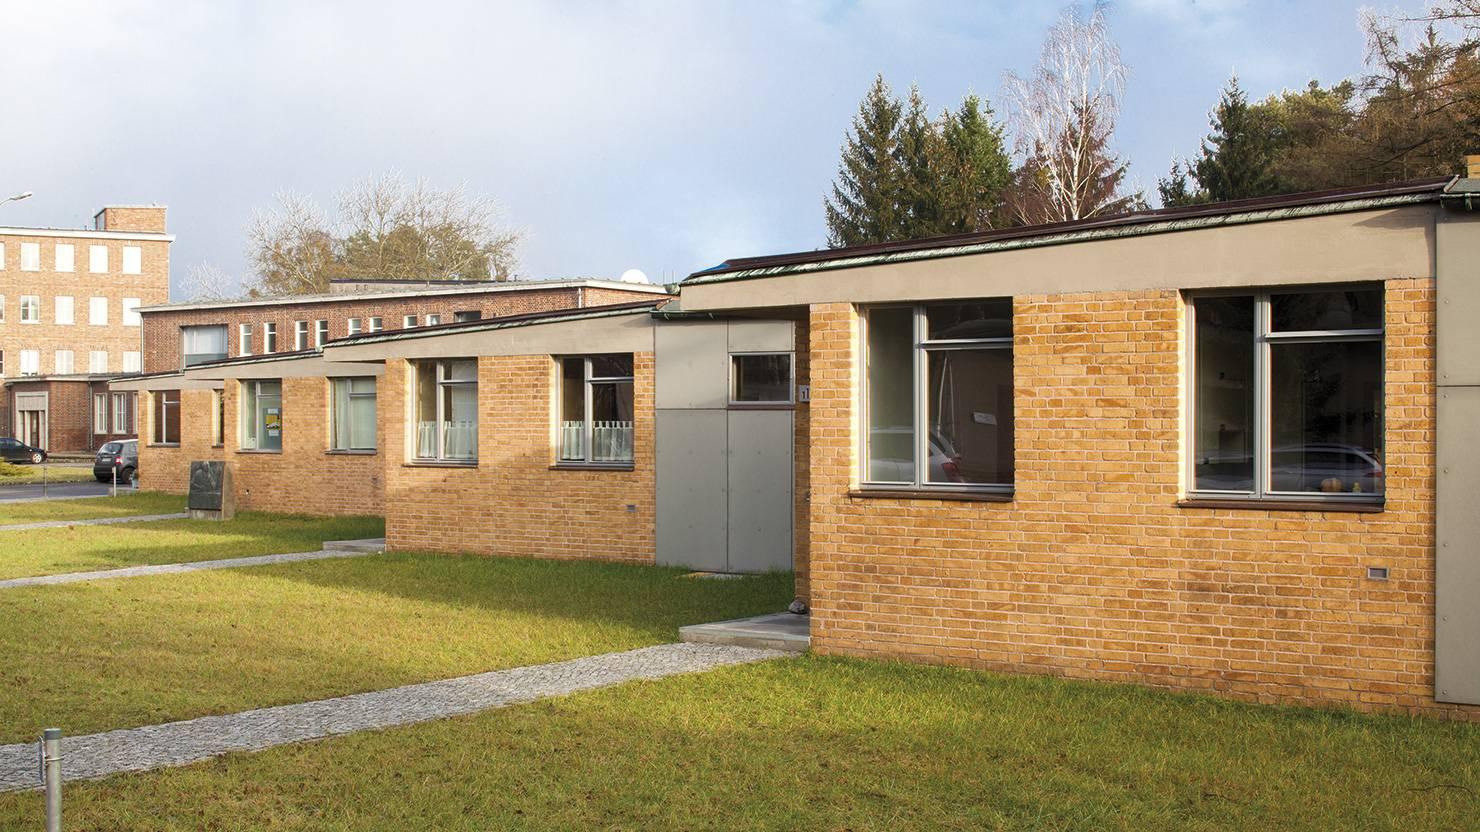 acciaio-zincato-serramenti-scuola-della-federazione-sindacale-seccosistemi-2_project_big